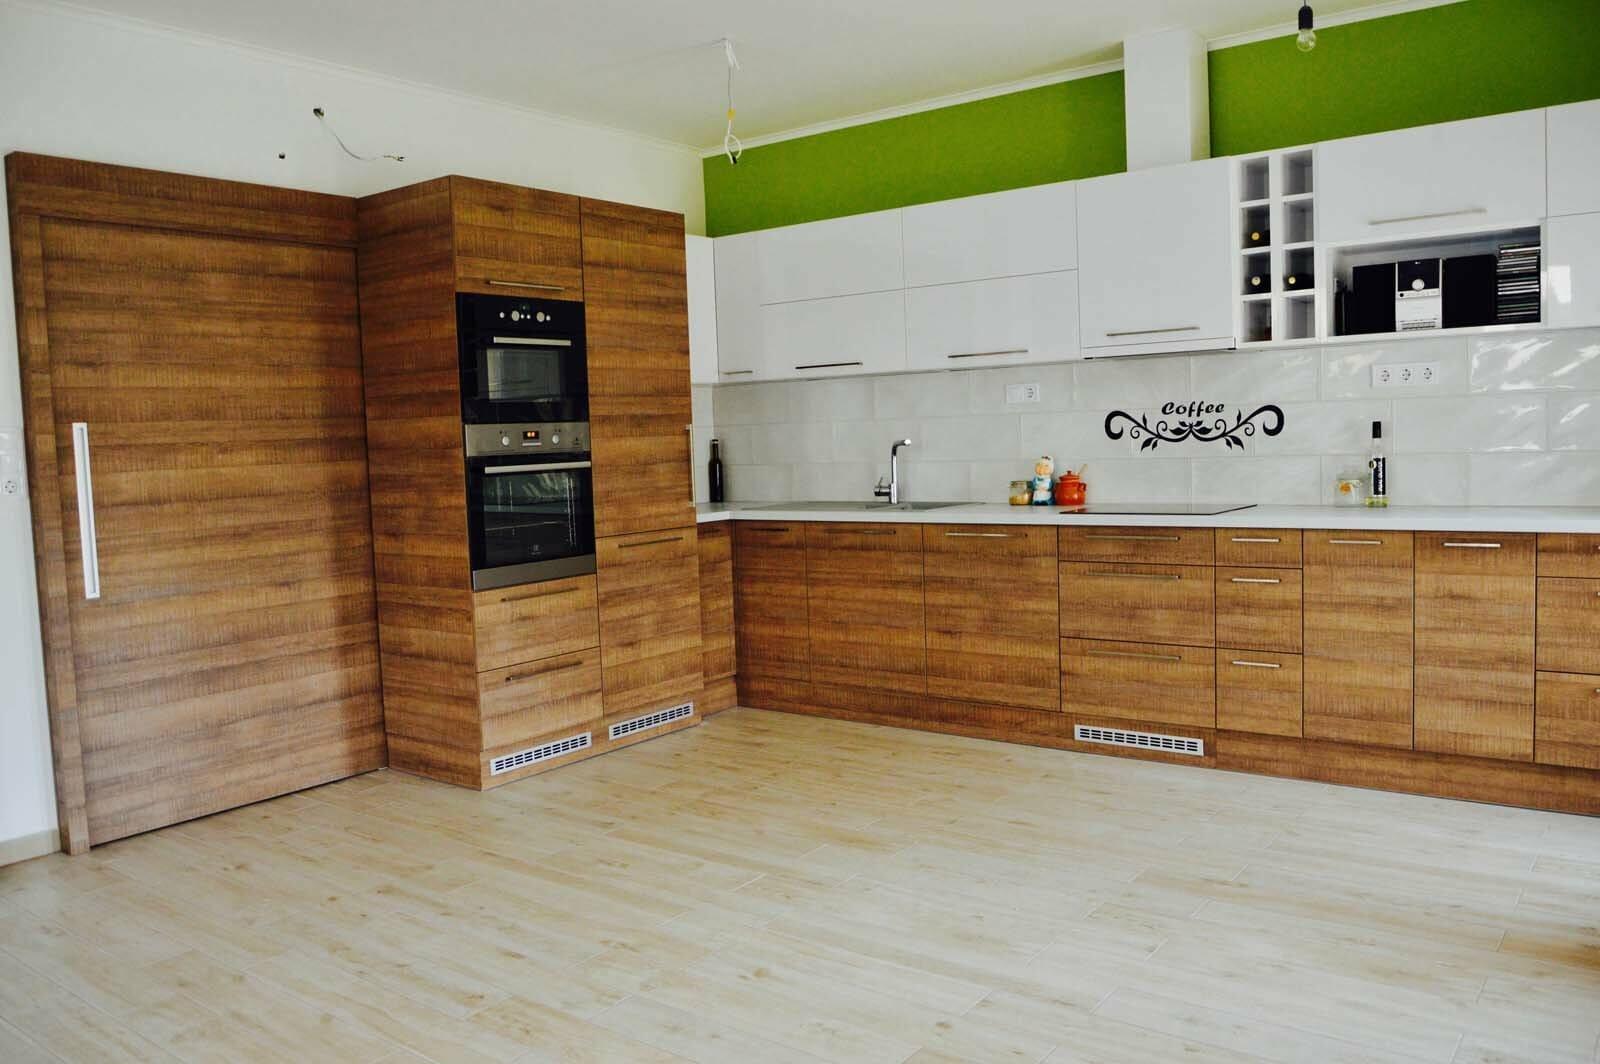 Egyedi konyhabútor készítés magasfényű akril felső elemekkel, fa alsó elemekkel, rejtett LED világítással, beépített tolóajtóval